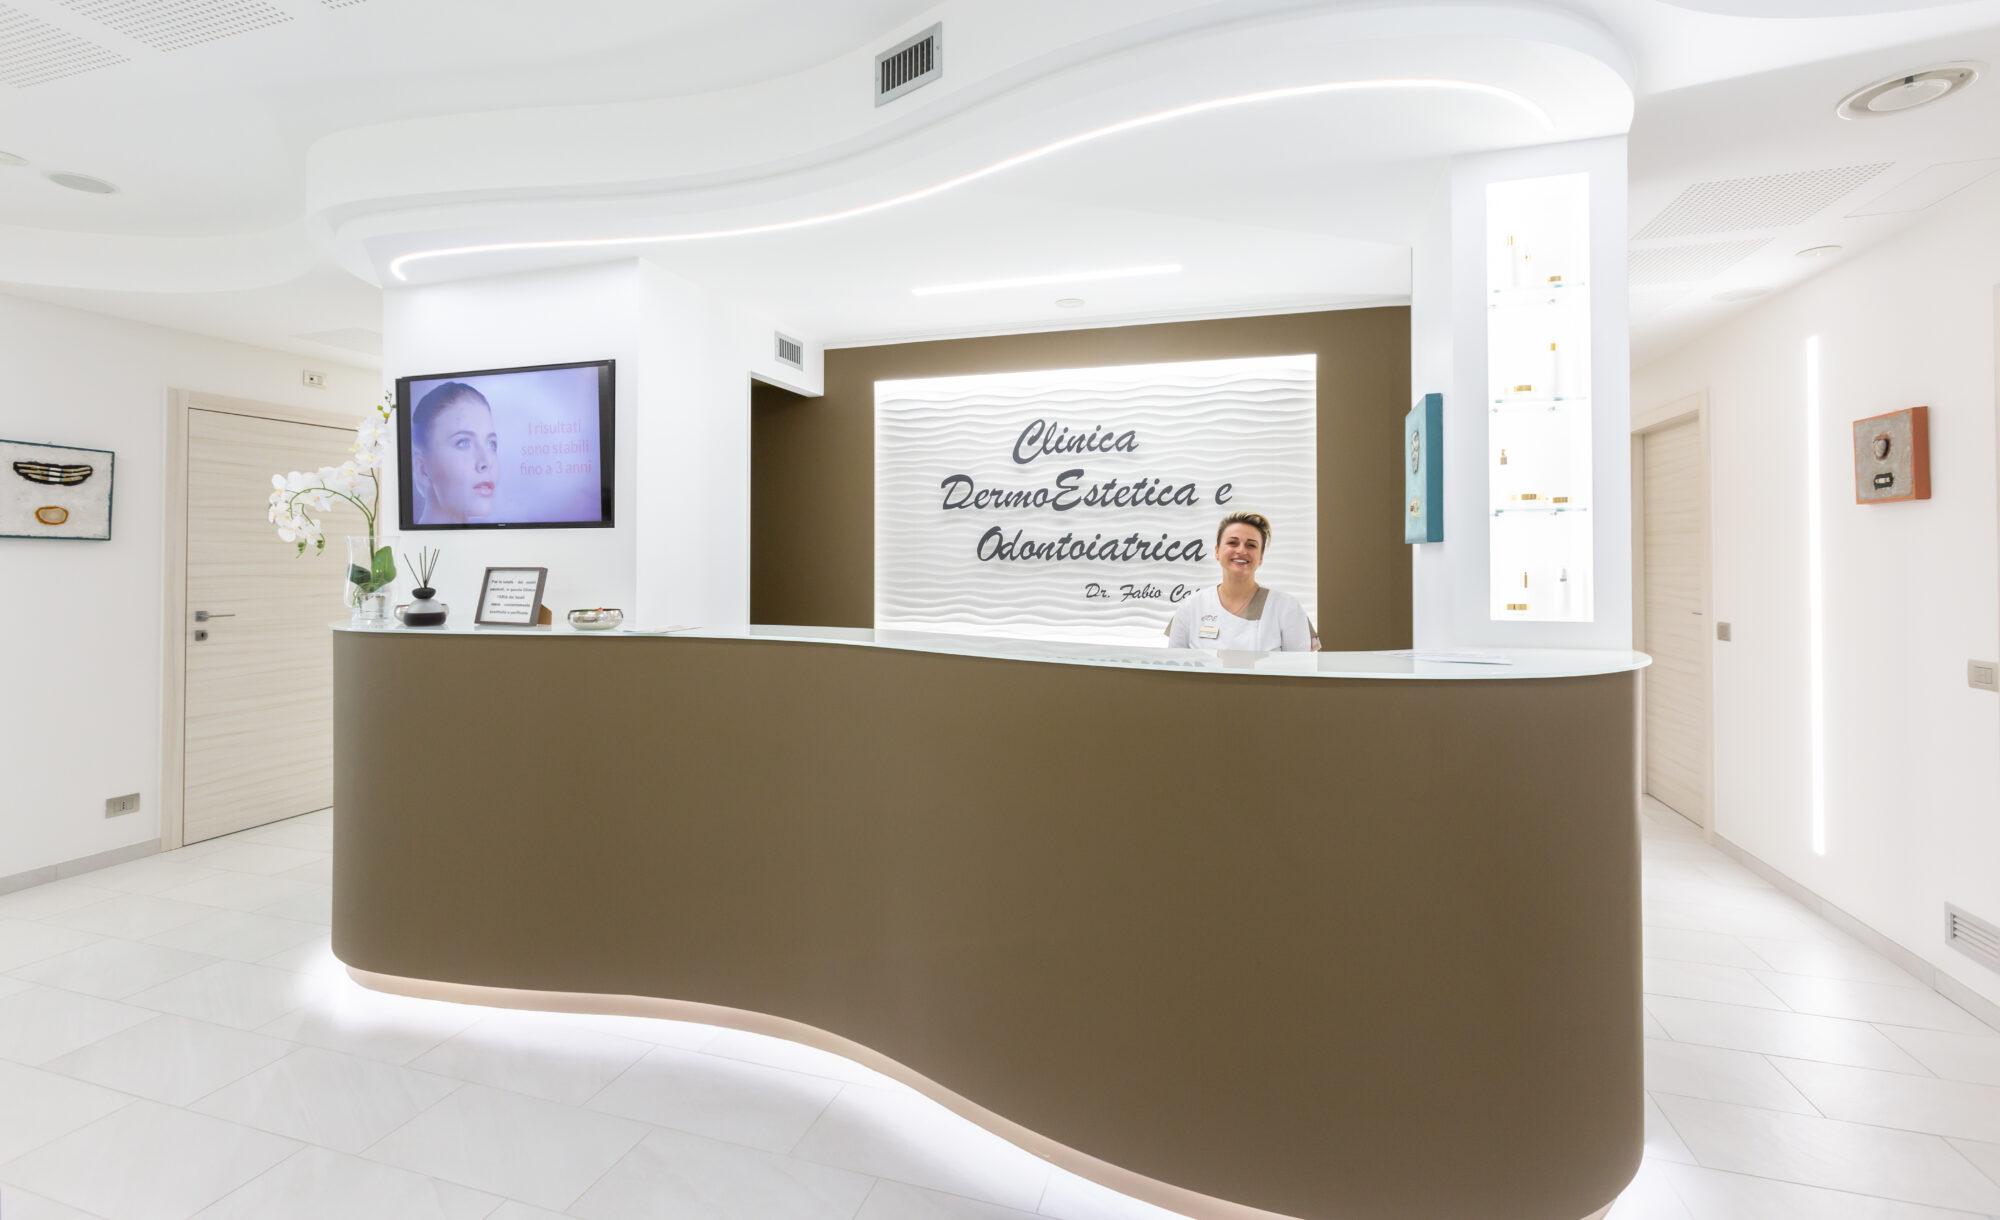 Dr. Fabio Caprara – Clinica DermoEstetica  e Clinica Odontoiatrica